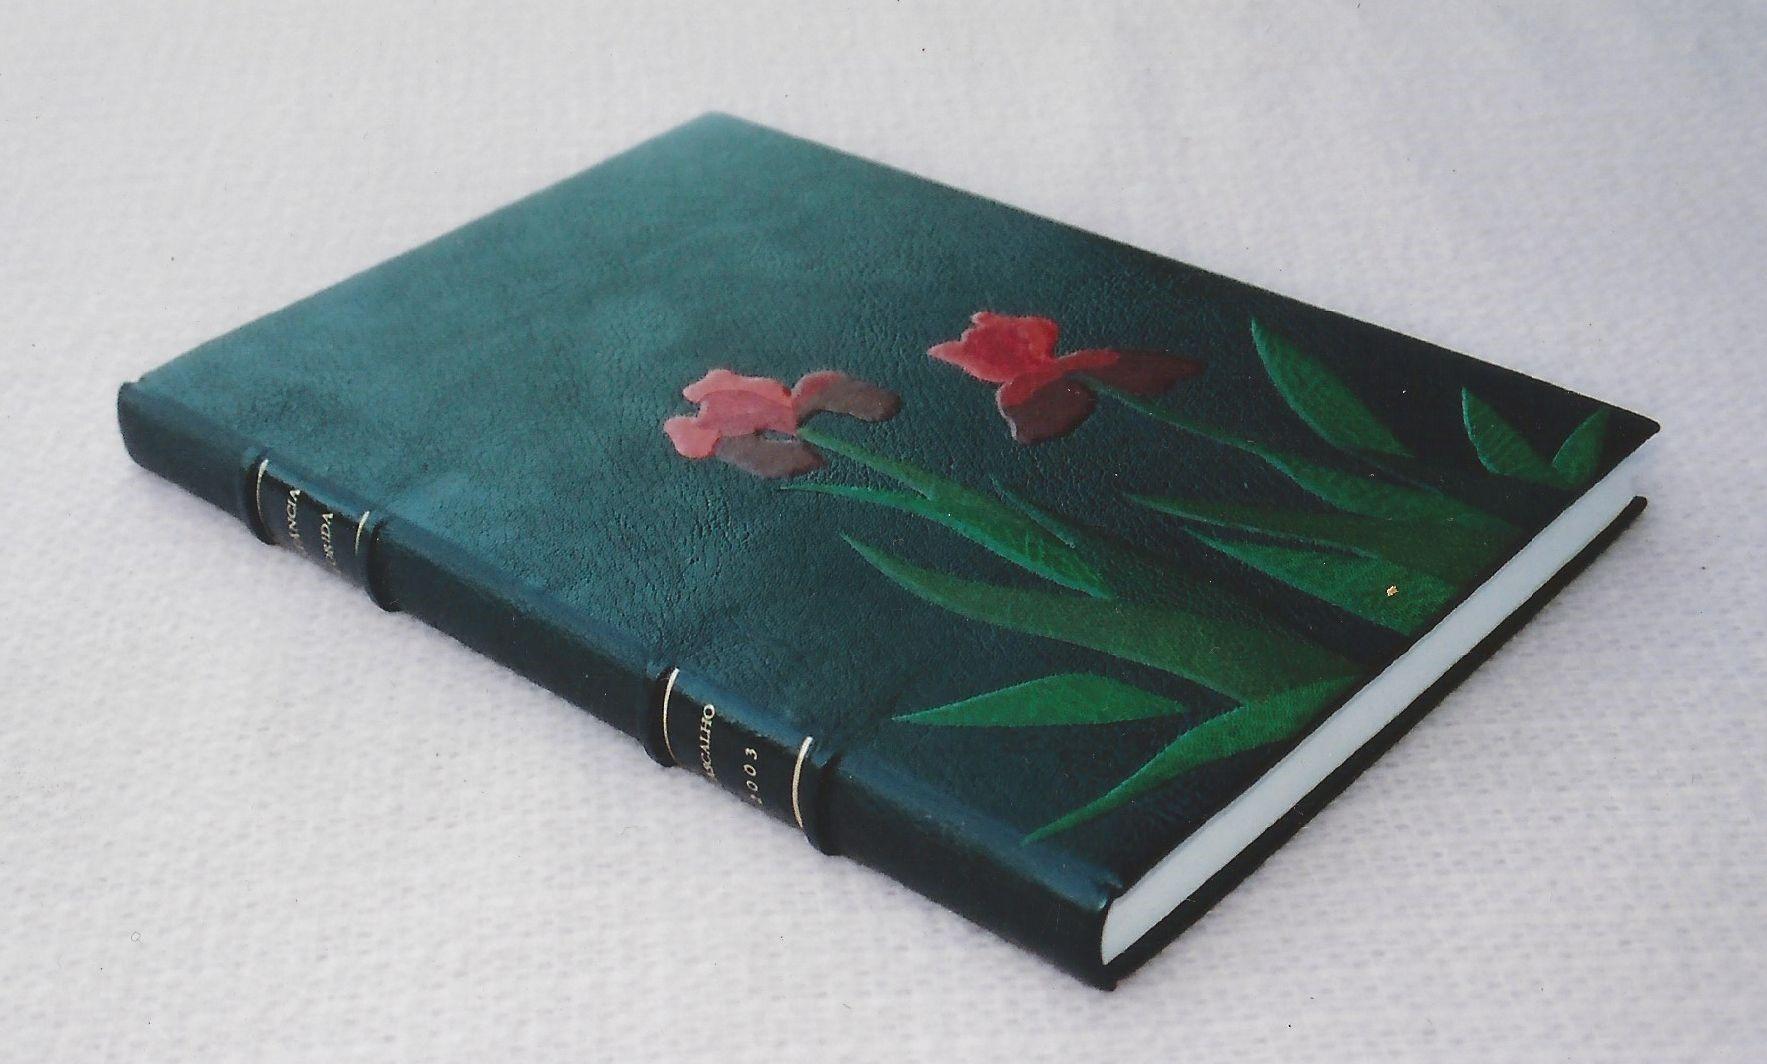 Livro de Ouro em pleno couro com aplicação de mosaico em couro.